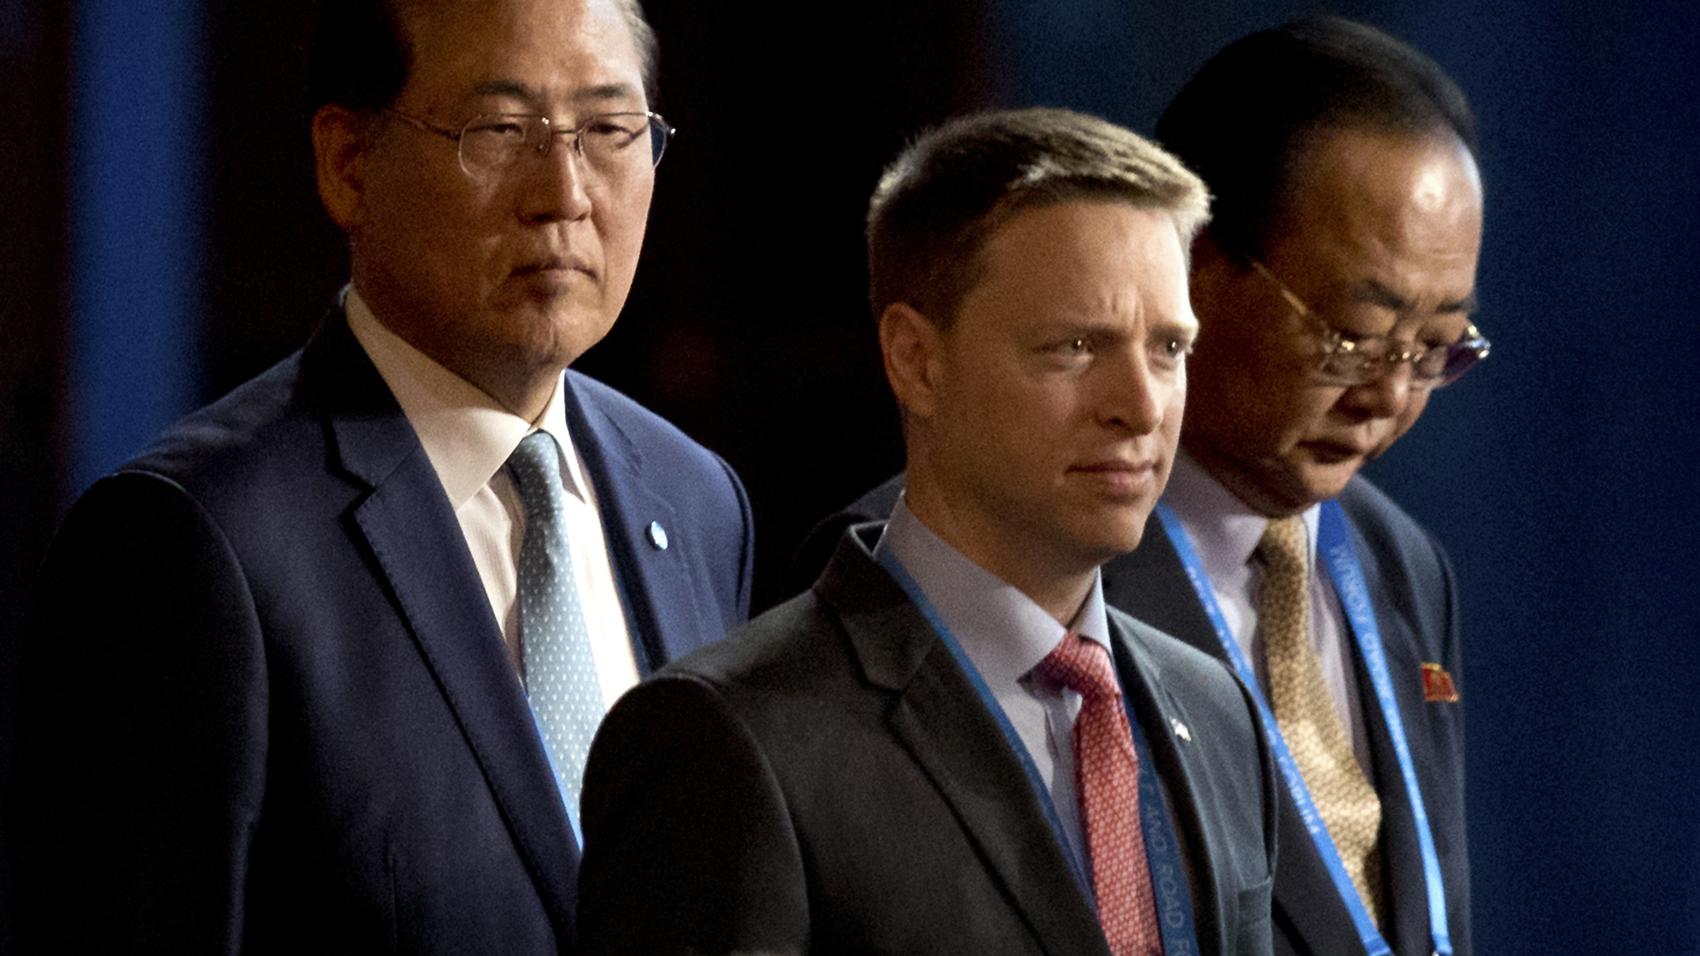 白宫国家安全副顾问博明(Matt Pottinger,中) 曾是《华尔街日报》派驻中国的记者。(美联社)